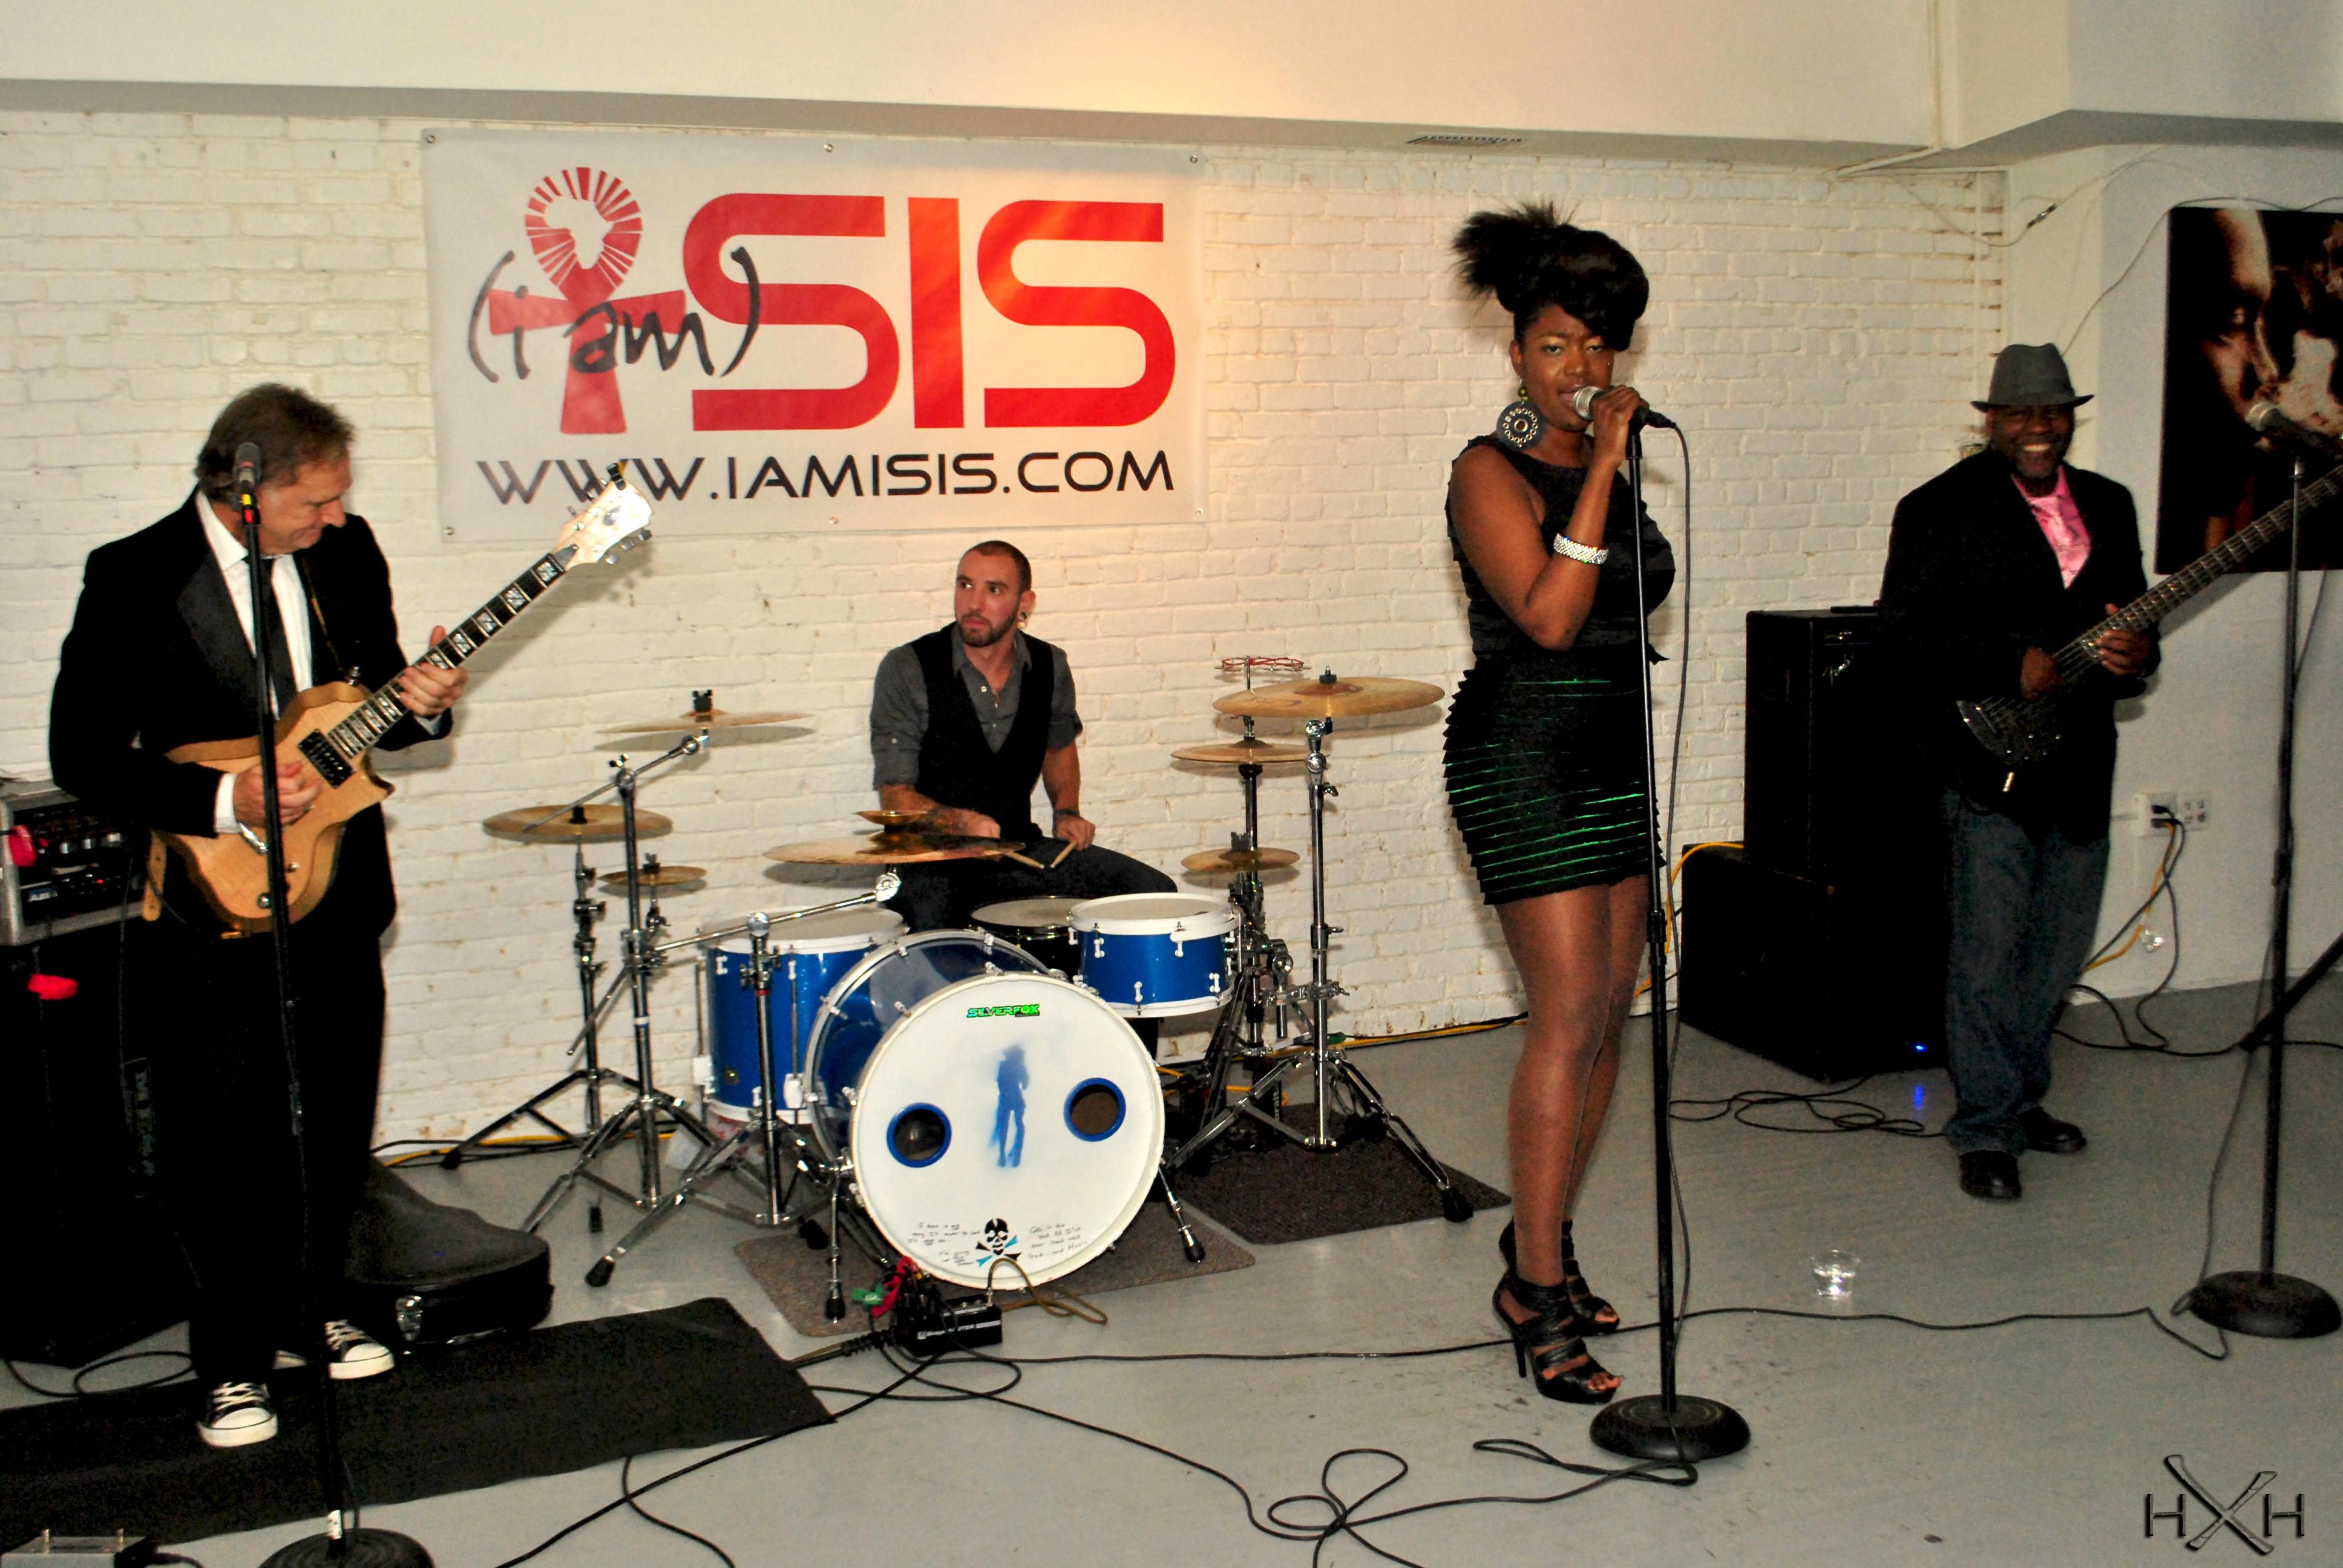 i-am-isis-driveme-hennyxharmon_dsc_0816